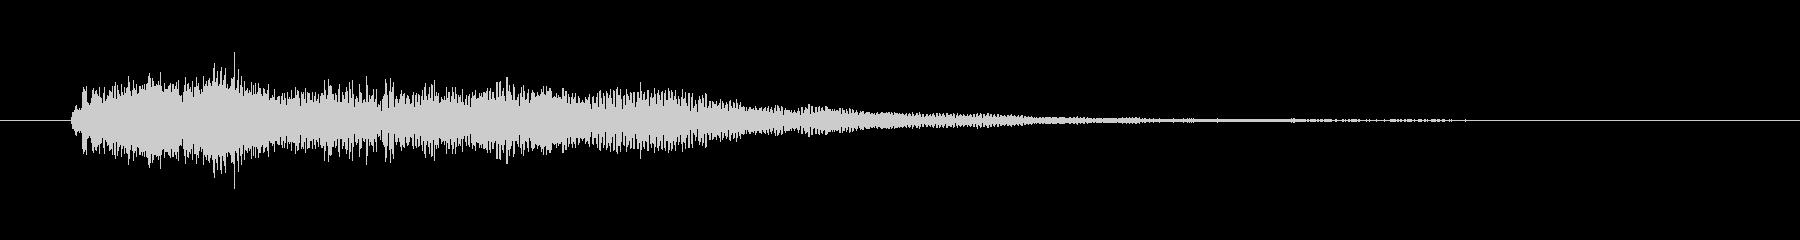 心霊現象・怪談用の効果音の未再生の波形